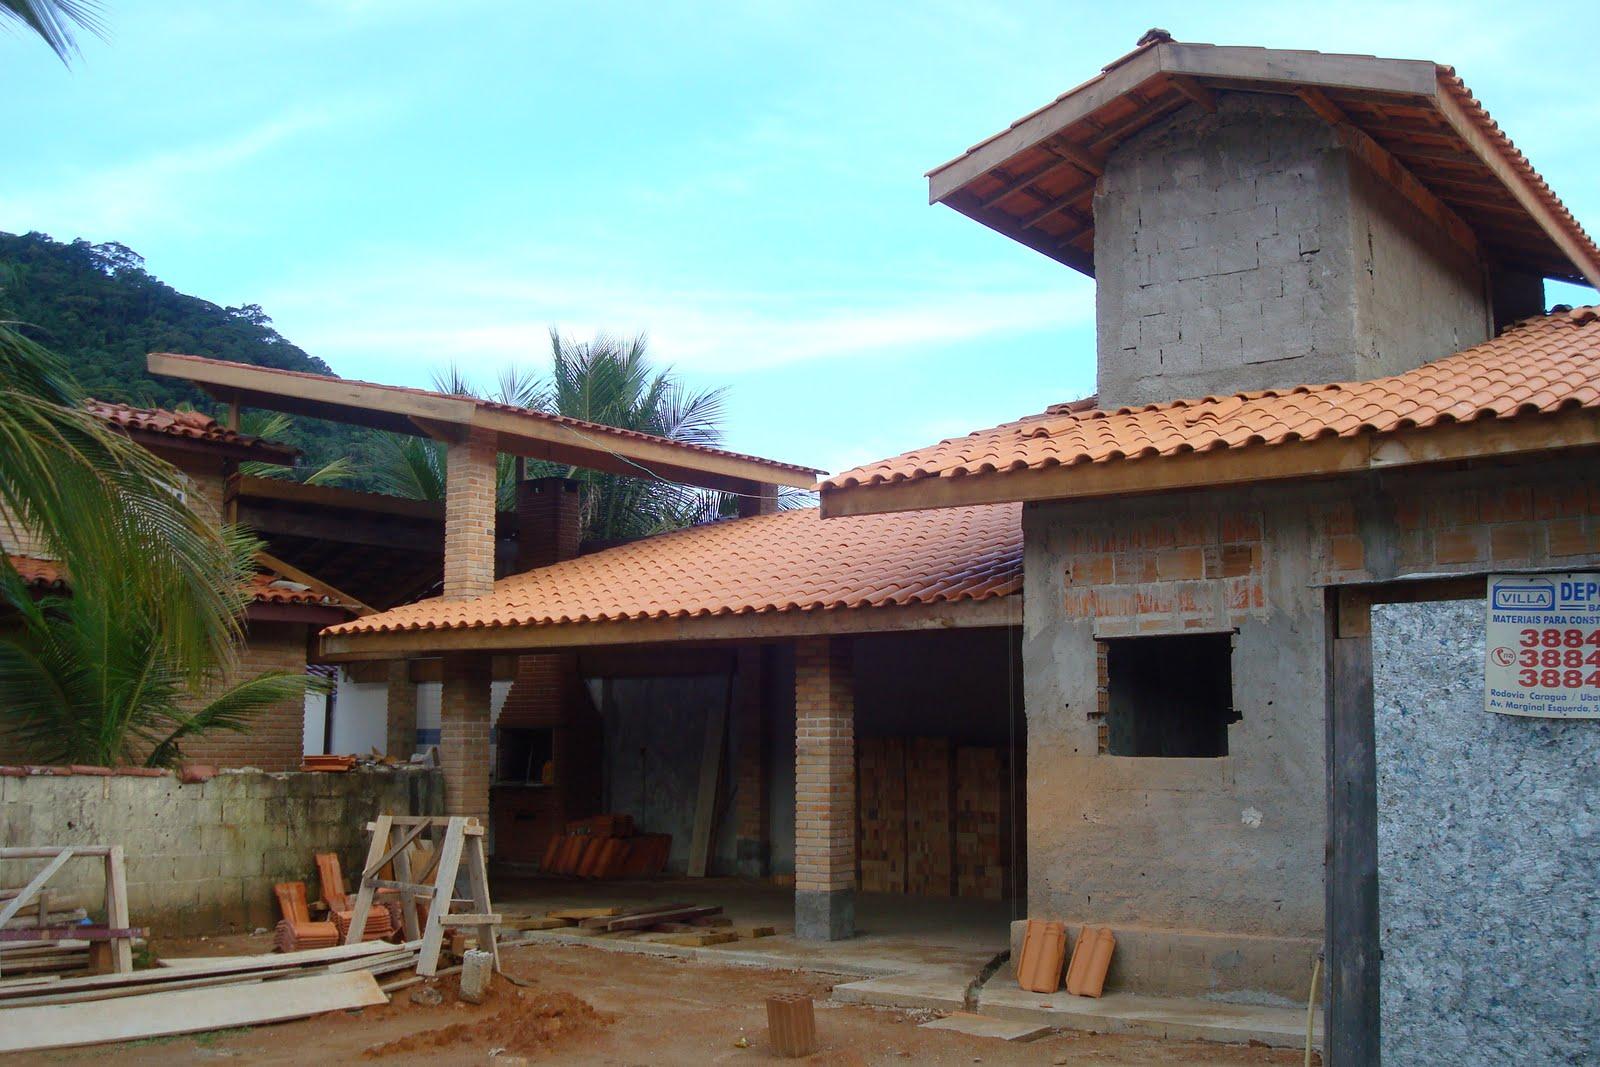 11 Finalizando telhados da área de lazer e churrasqueira Lanfer  #06BFC5 1600x1067